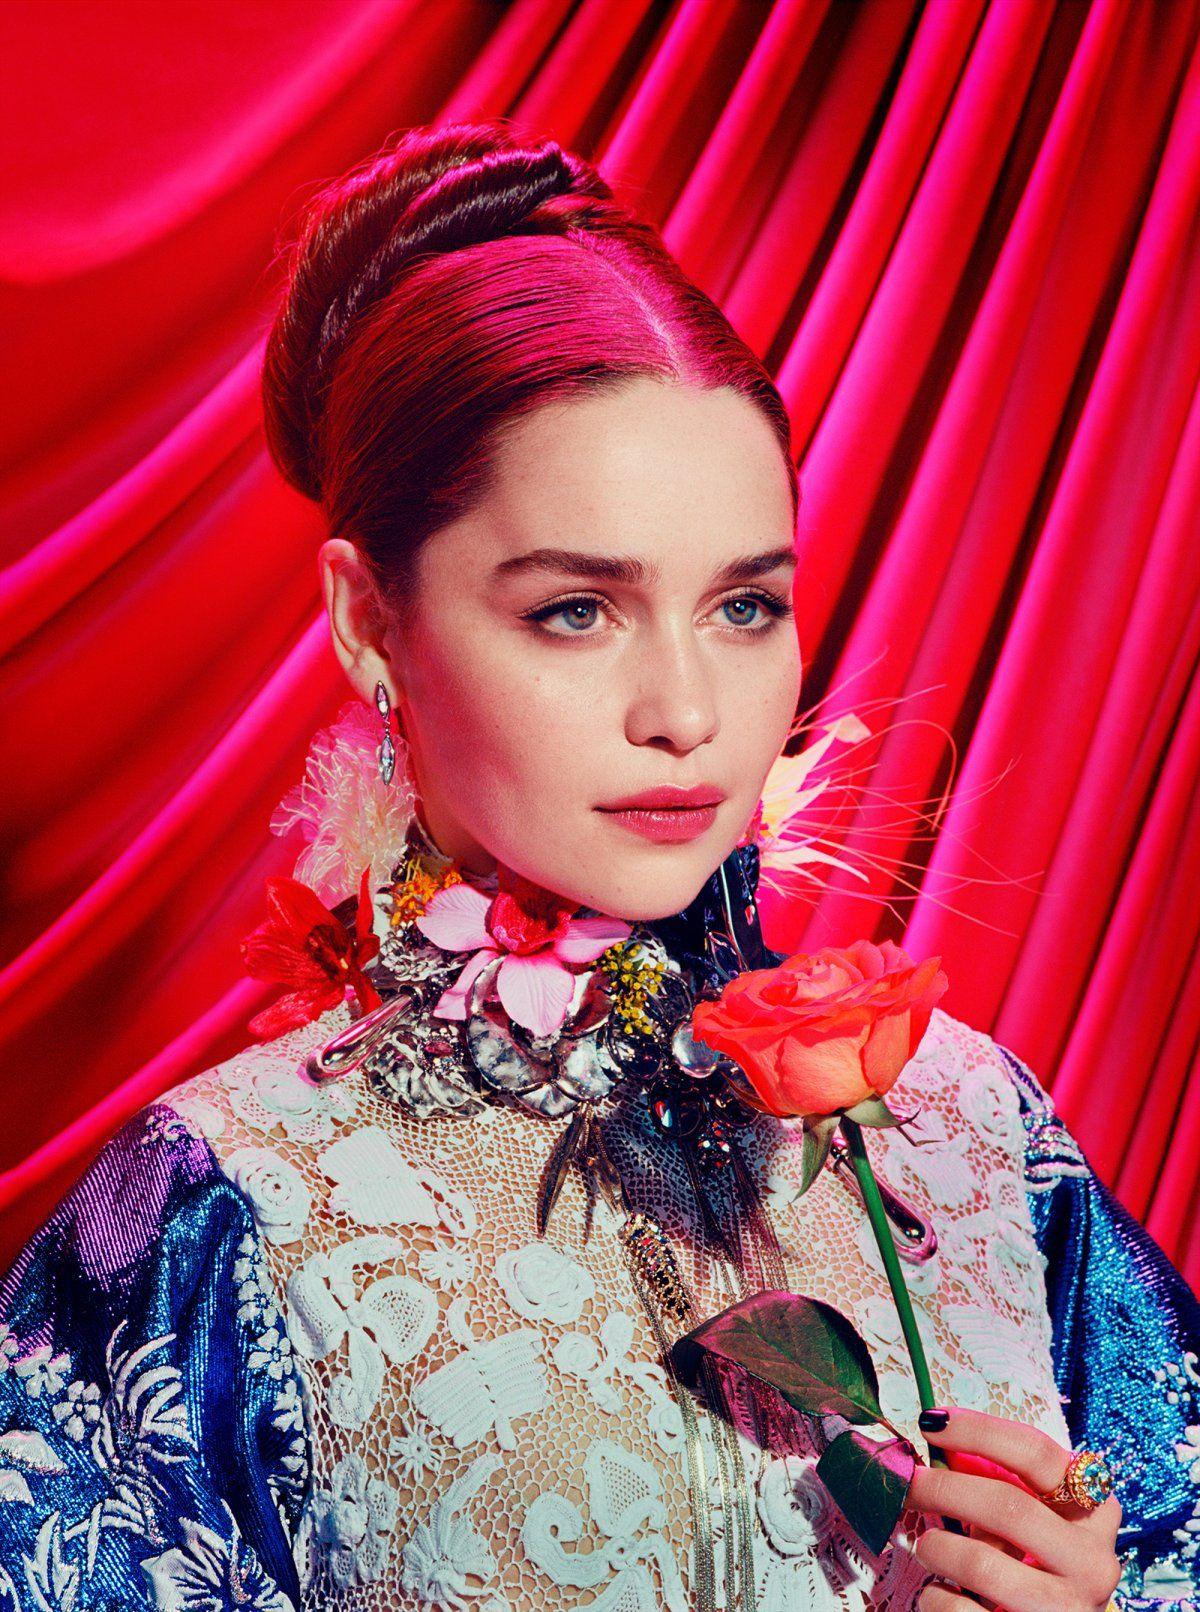 1000 images about emilia clarke on pinterest emilia - Emilia Clarke Time Magazine Game Of Thrones